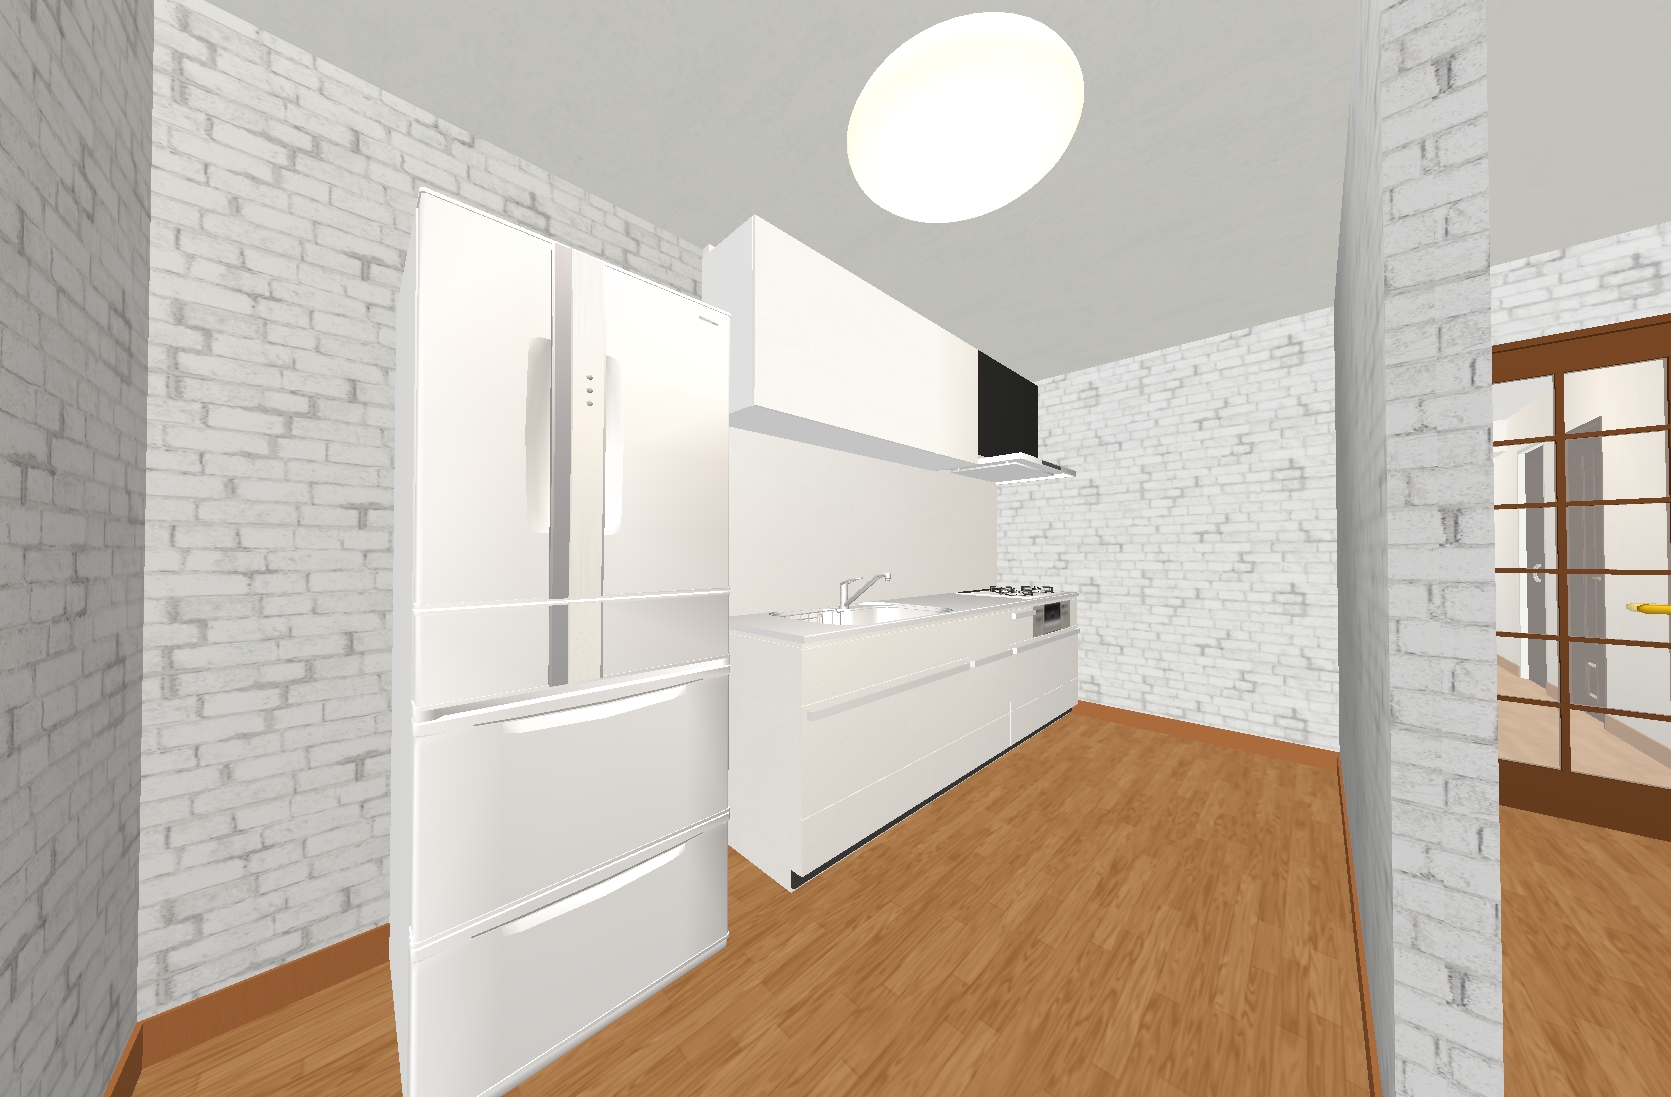 お洒落な壁紙と最新のキッチンで料理が楽しくなりますね!